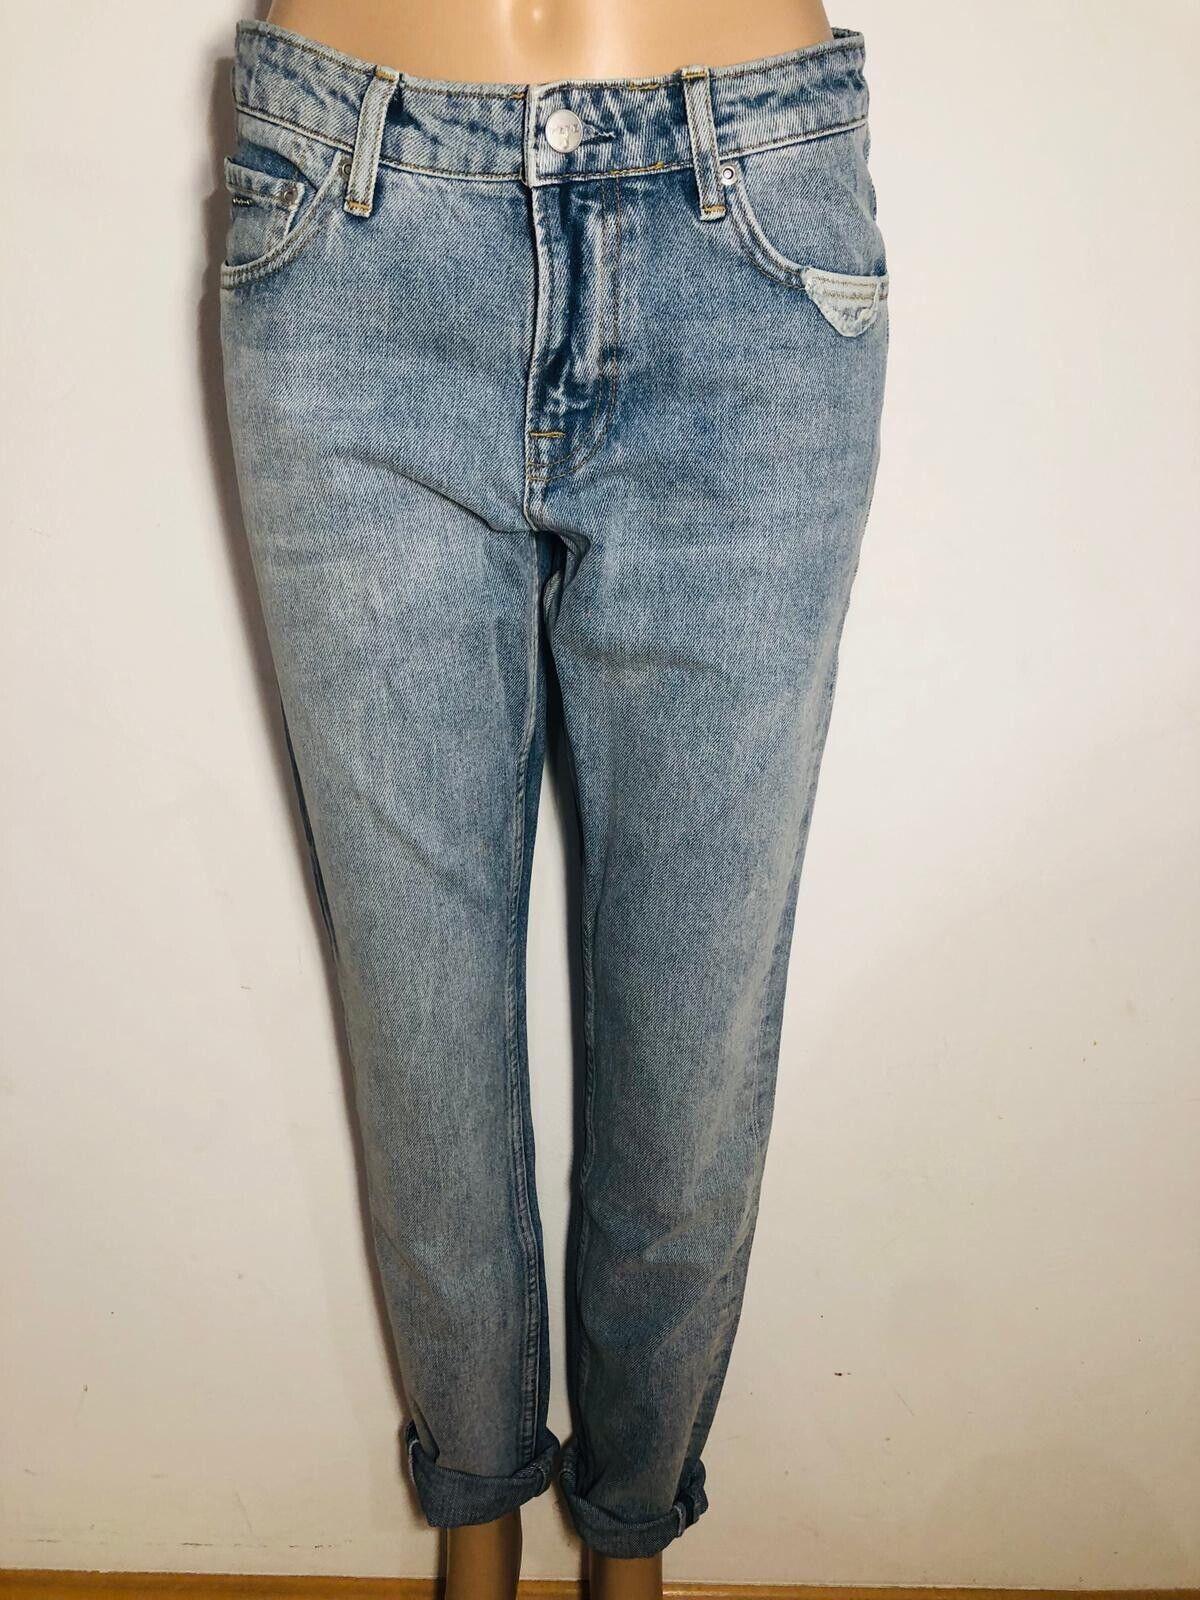 Pepe Jeans  Jeans straight leg HEIDI in hellblue K90  NEU W26 L32 1151mä